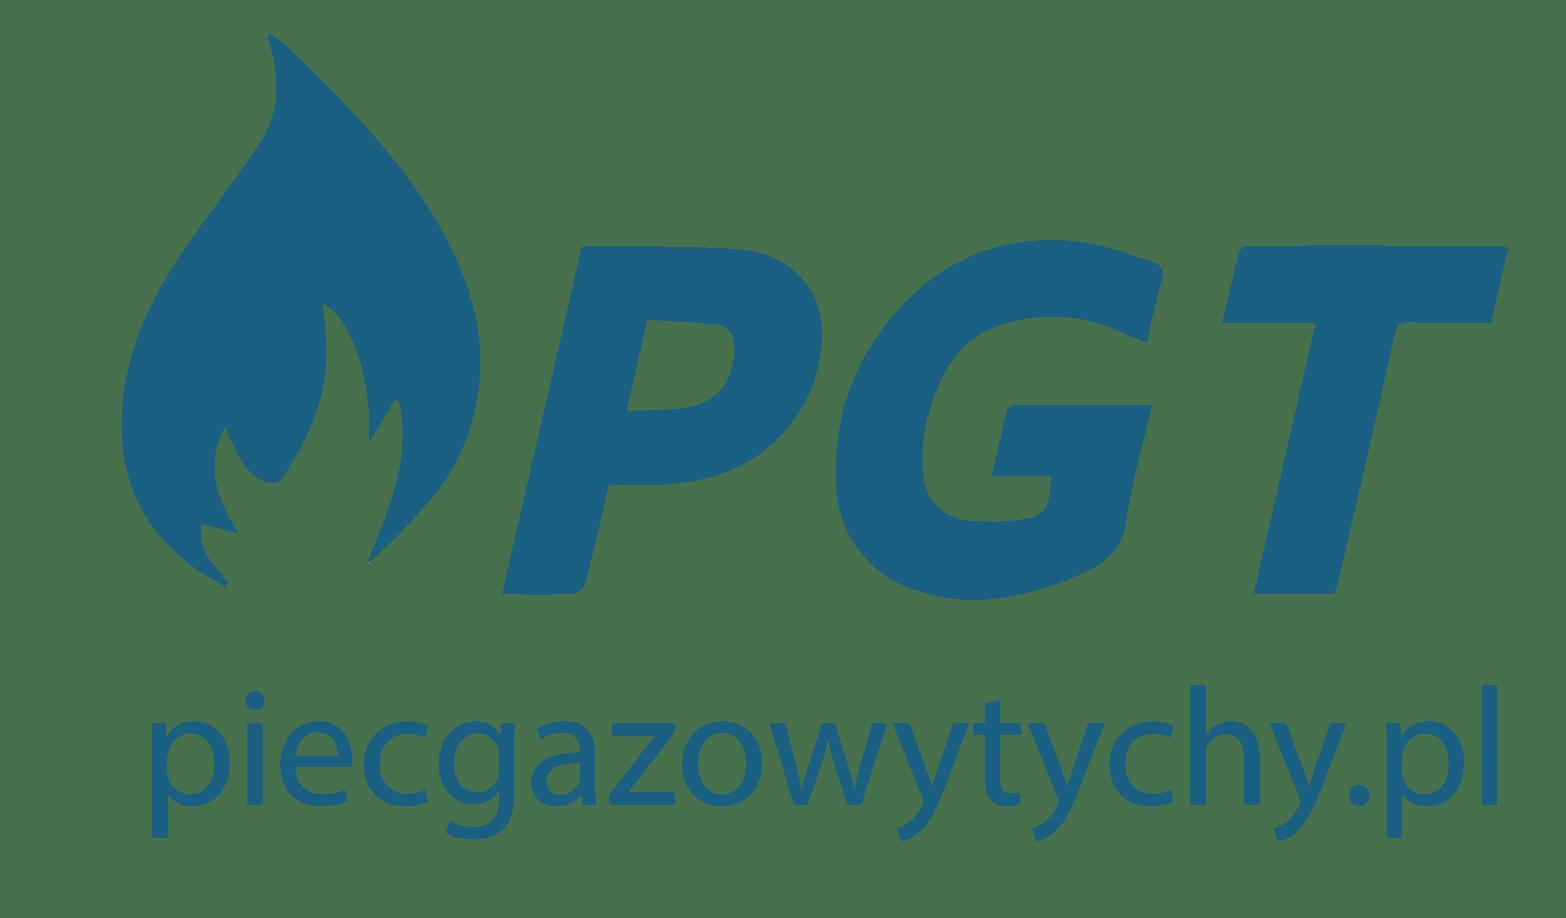 piecgazowytychy.pl